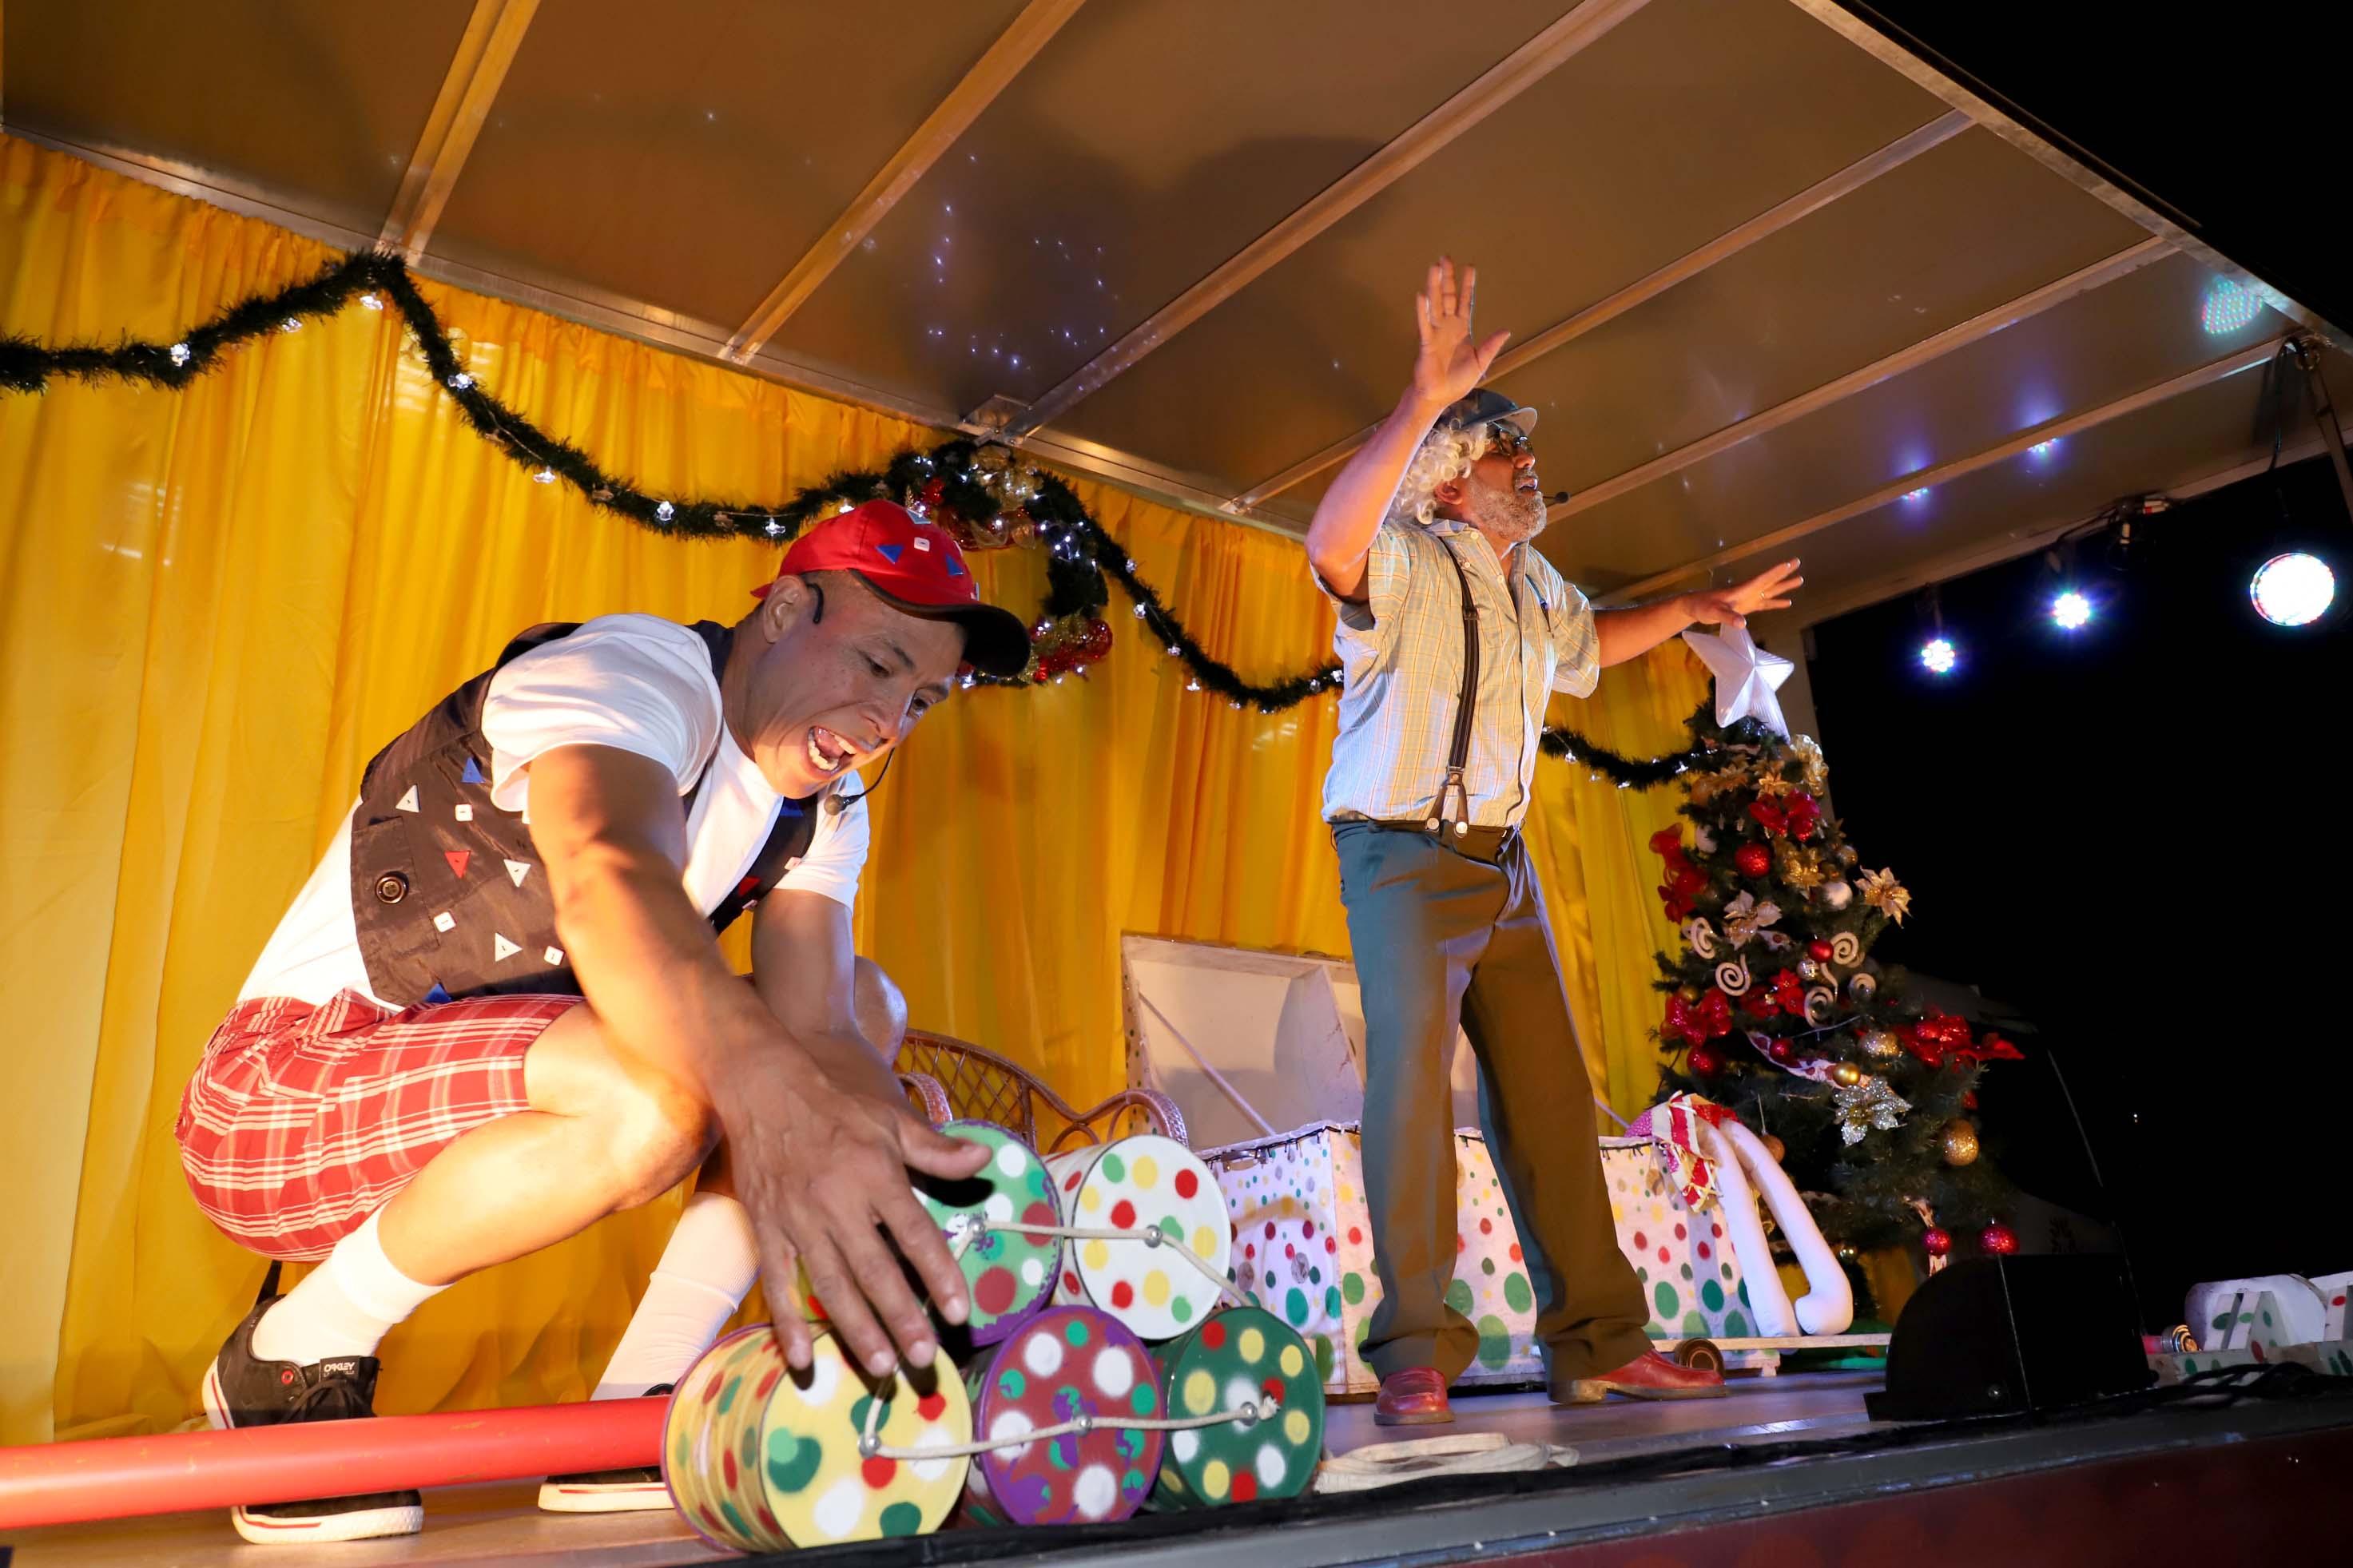 Rui Barbosa recebe peça de Natal gratuita neste fim de semana